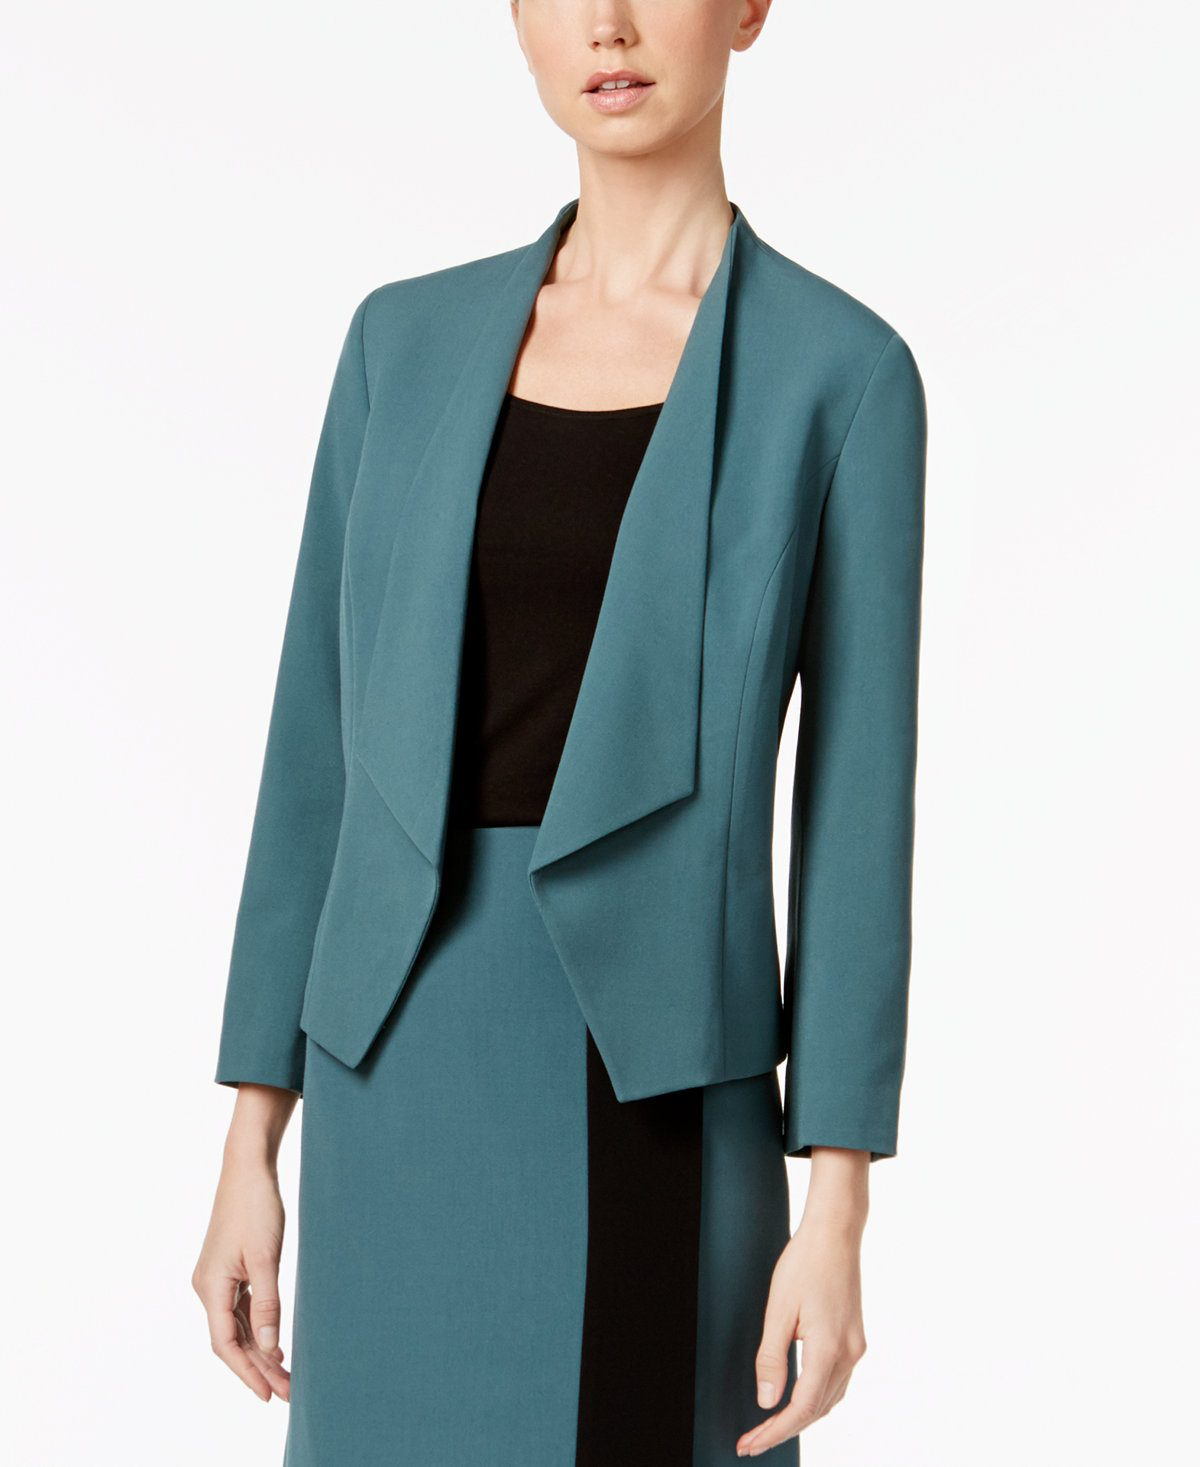 Macy's Nine West Kiss front blazer